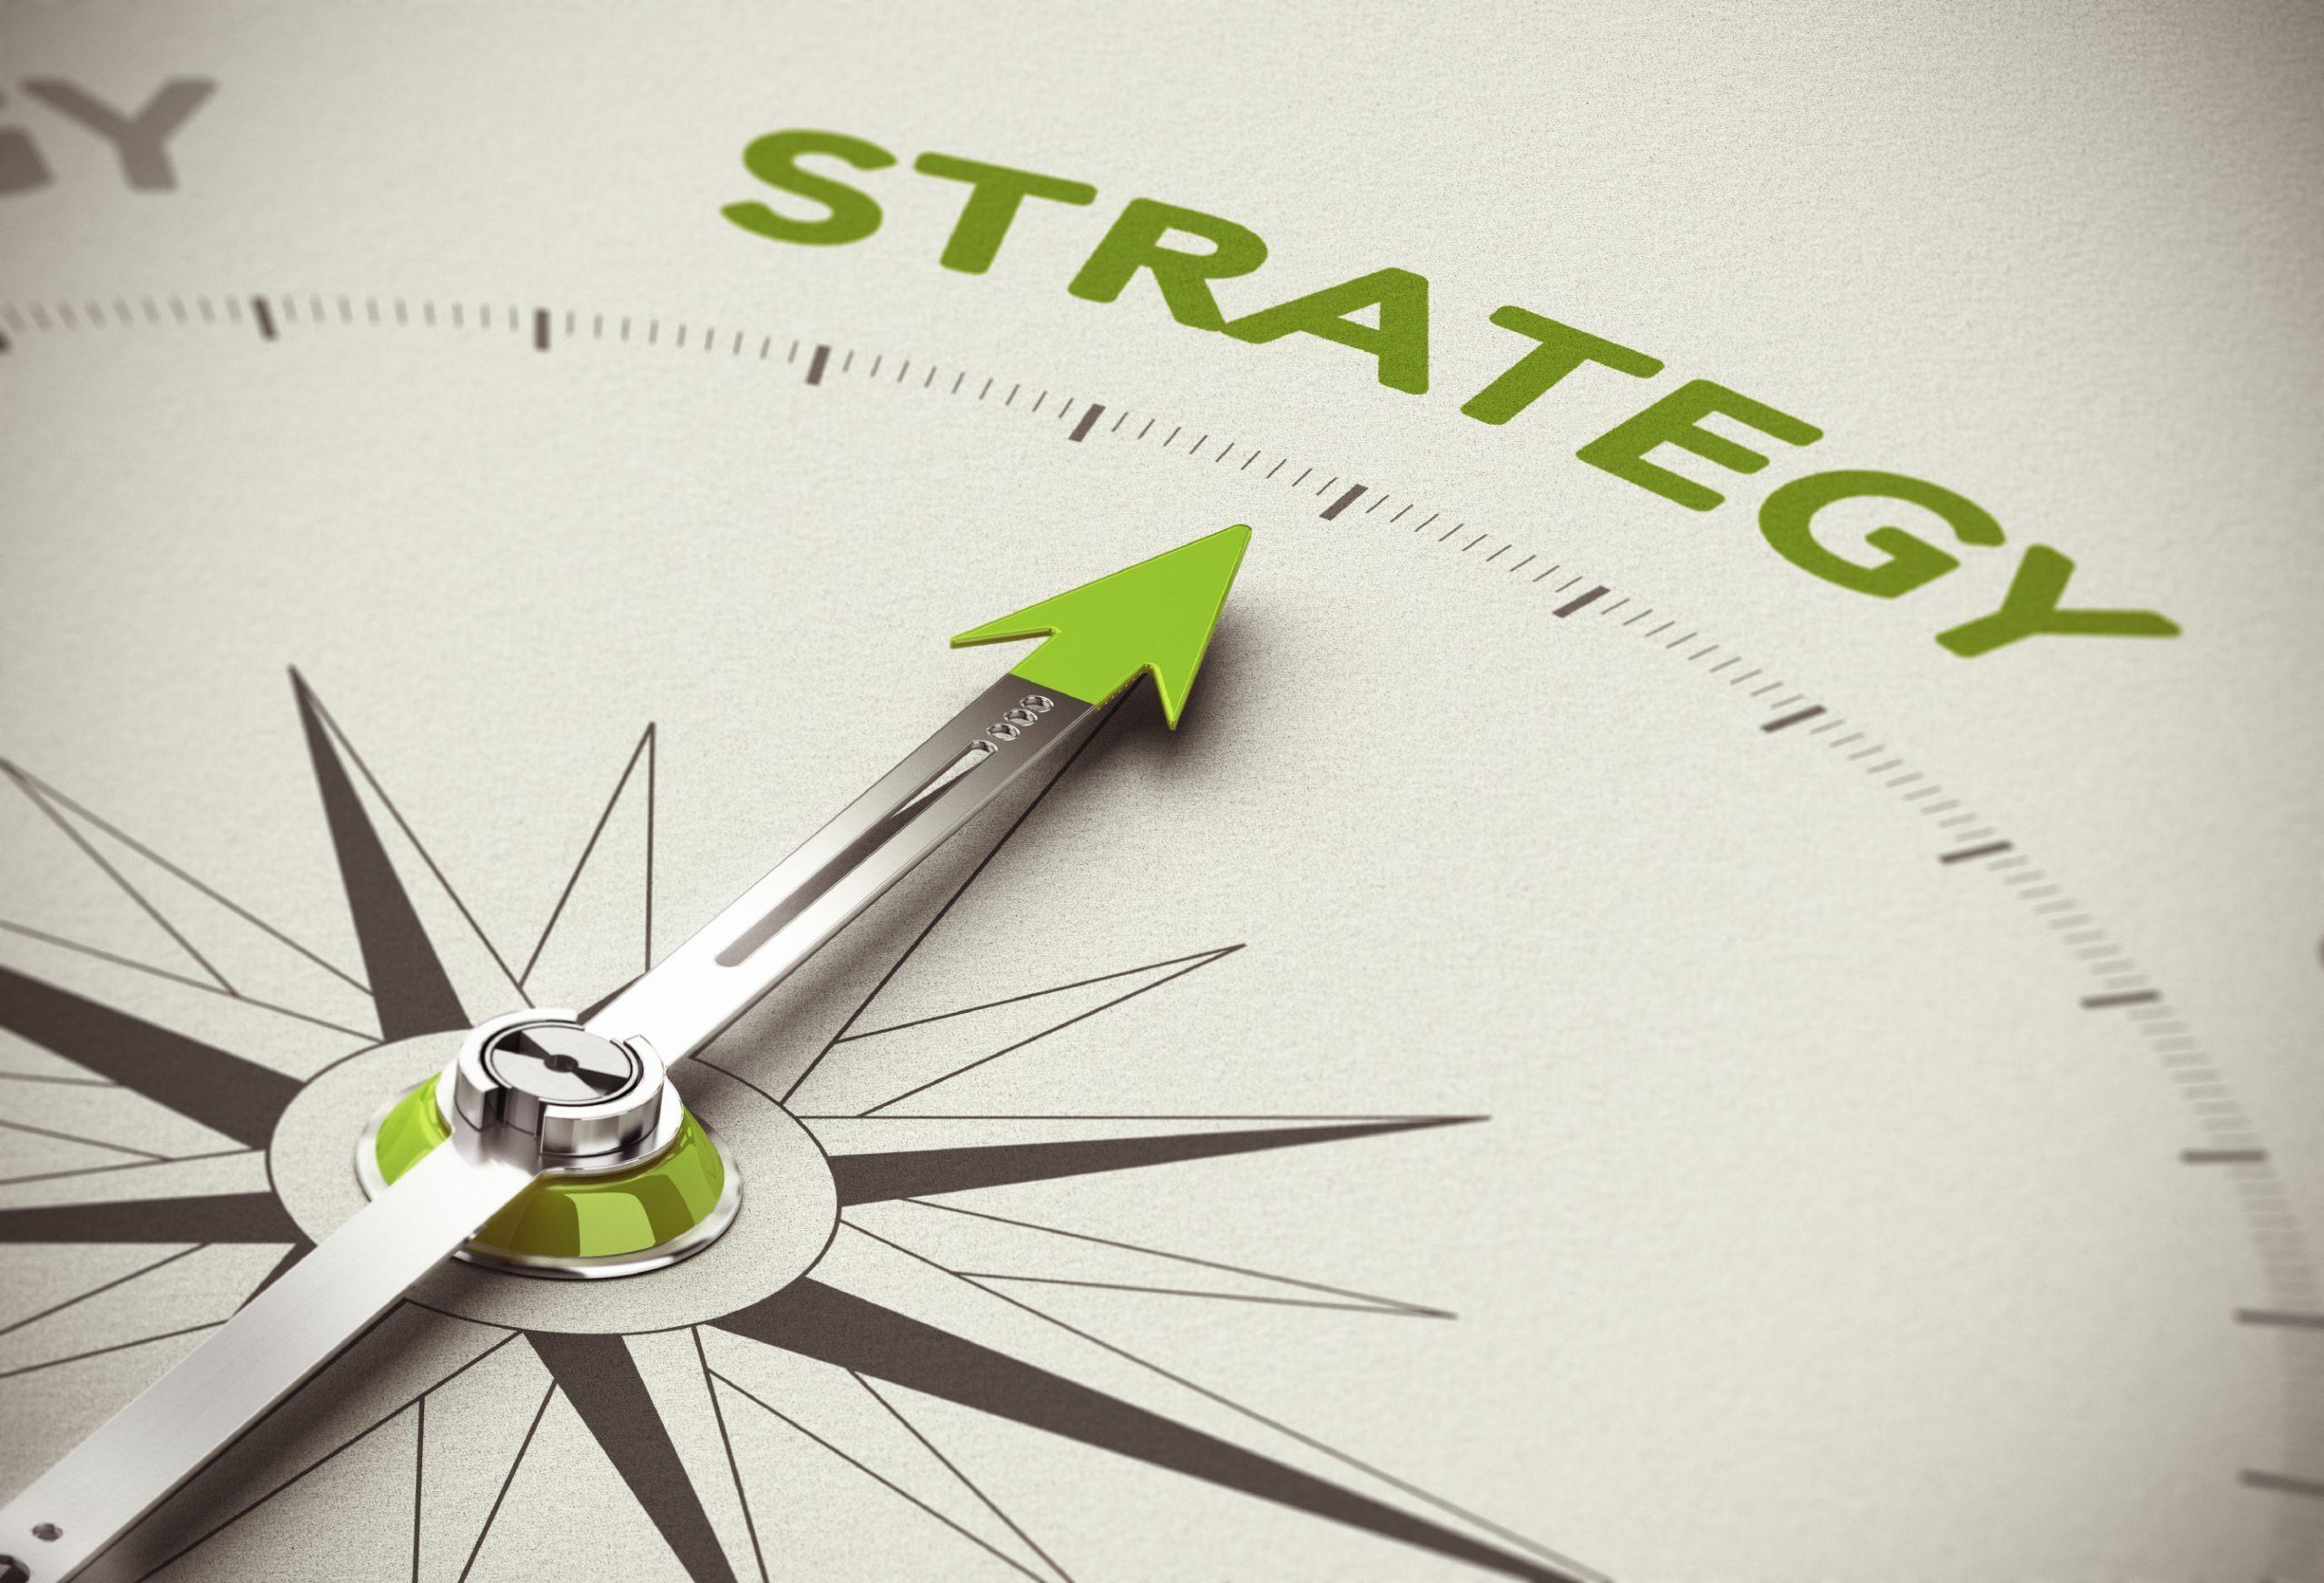 Chiến lược Kinh doanh là gì? Các yếu tố chính của chiến lược. OCD.vn